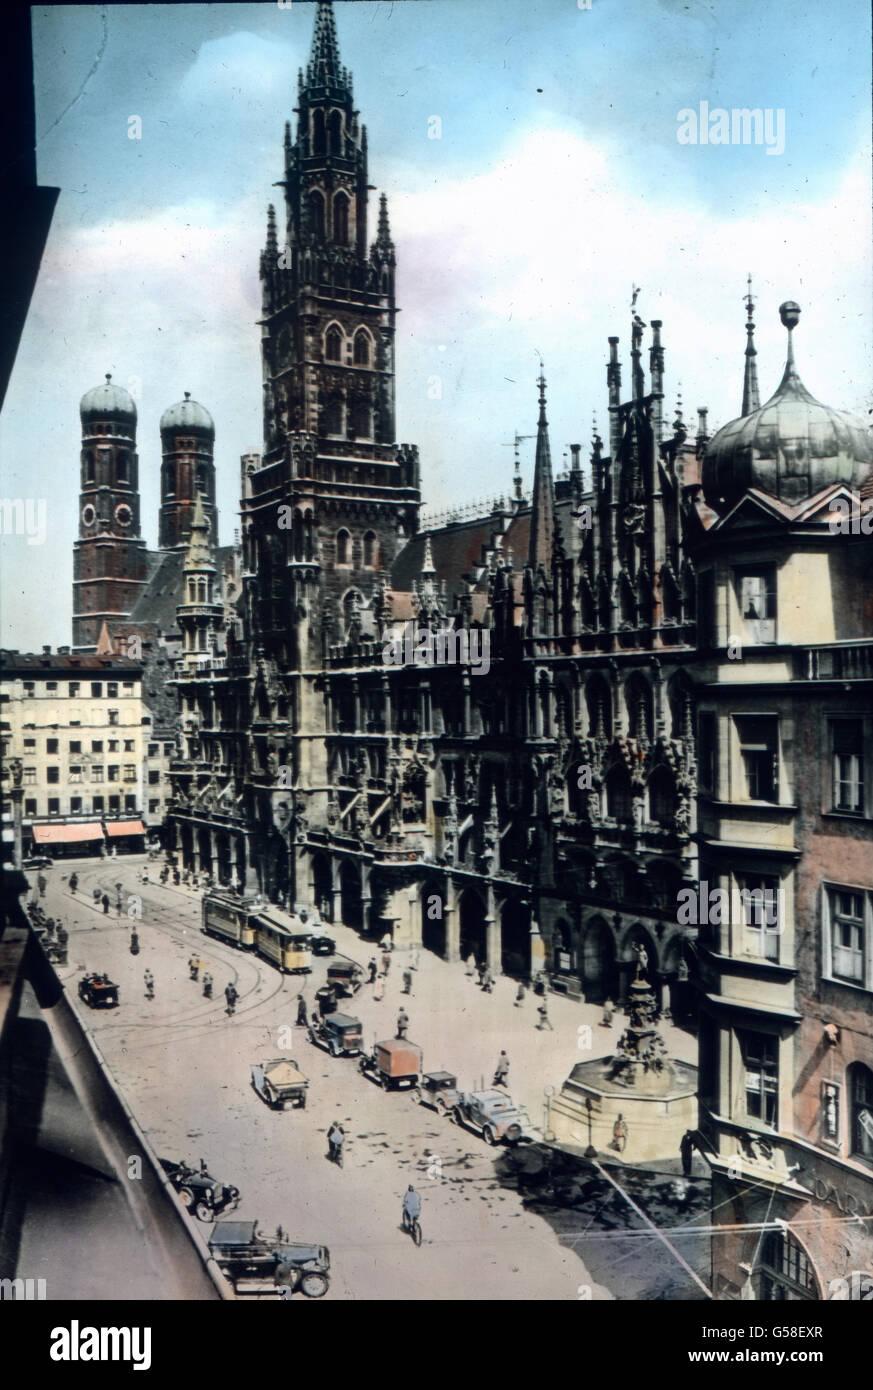 Deutschland hat viele Städte, in denen sich Pflege von Kunst und Wissenschaften mit frohem Lebensgefühl - Stock Image